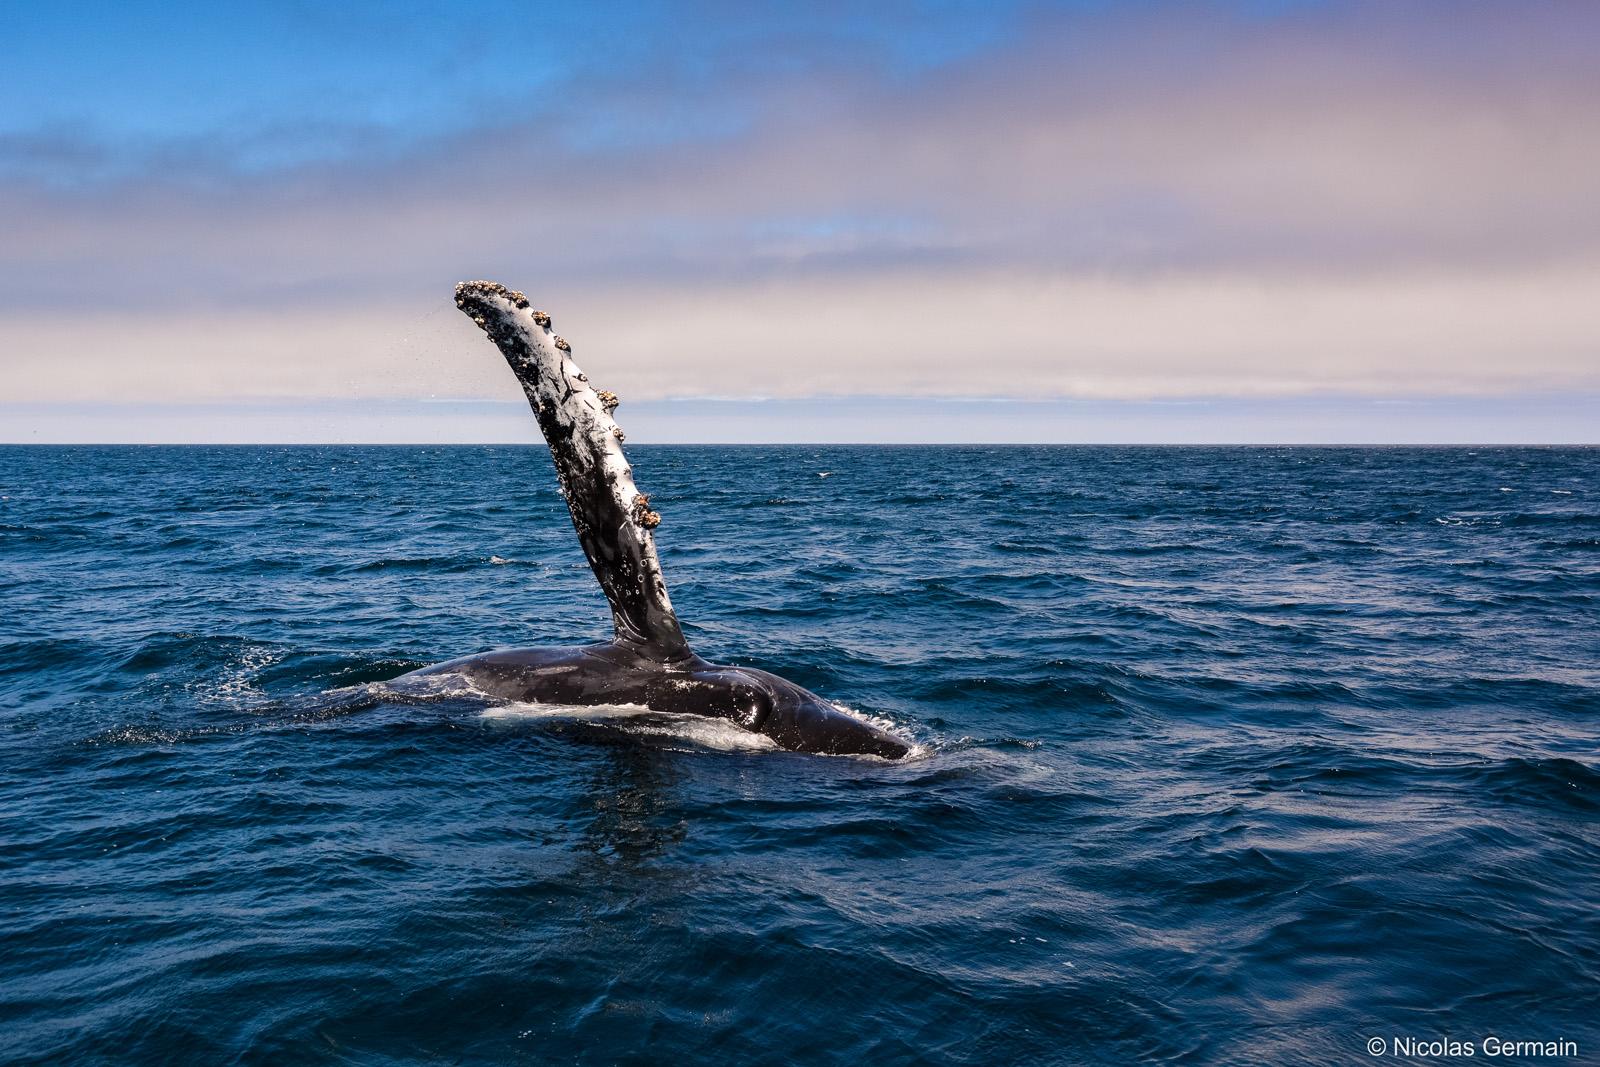 Baleine à bosse (humpback whale) dans la baie de Monterey, Californie